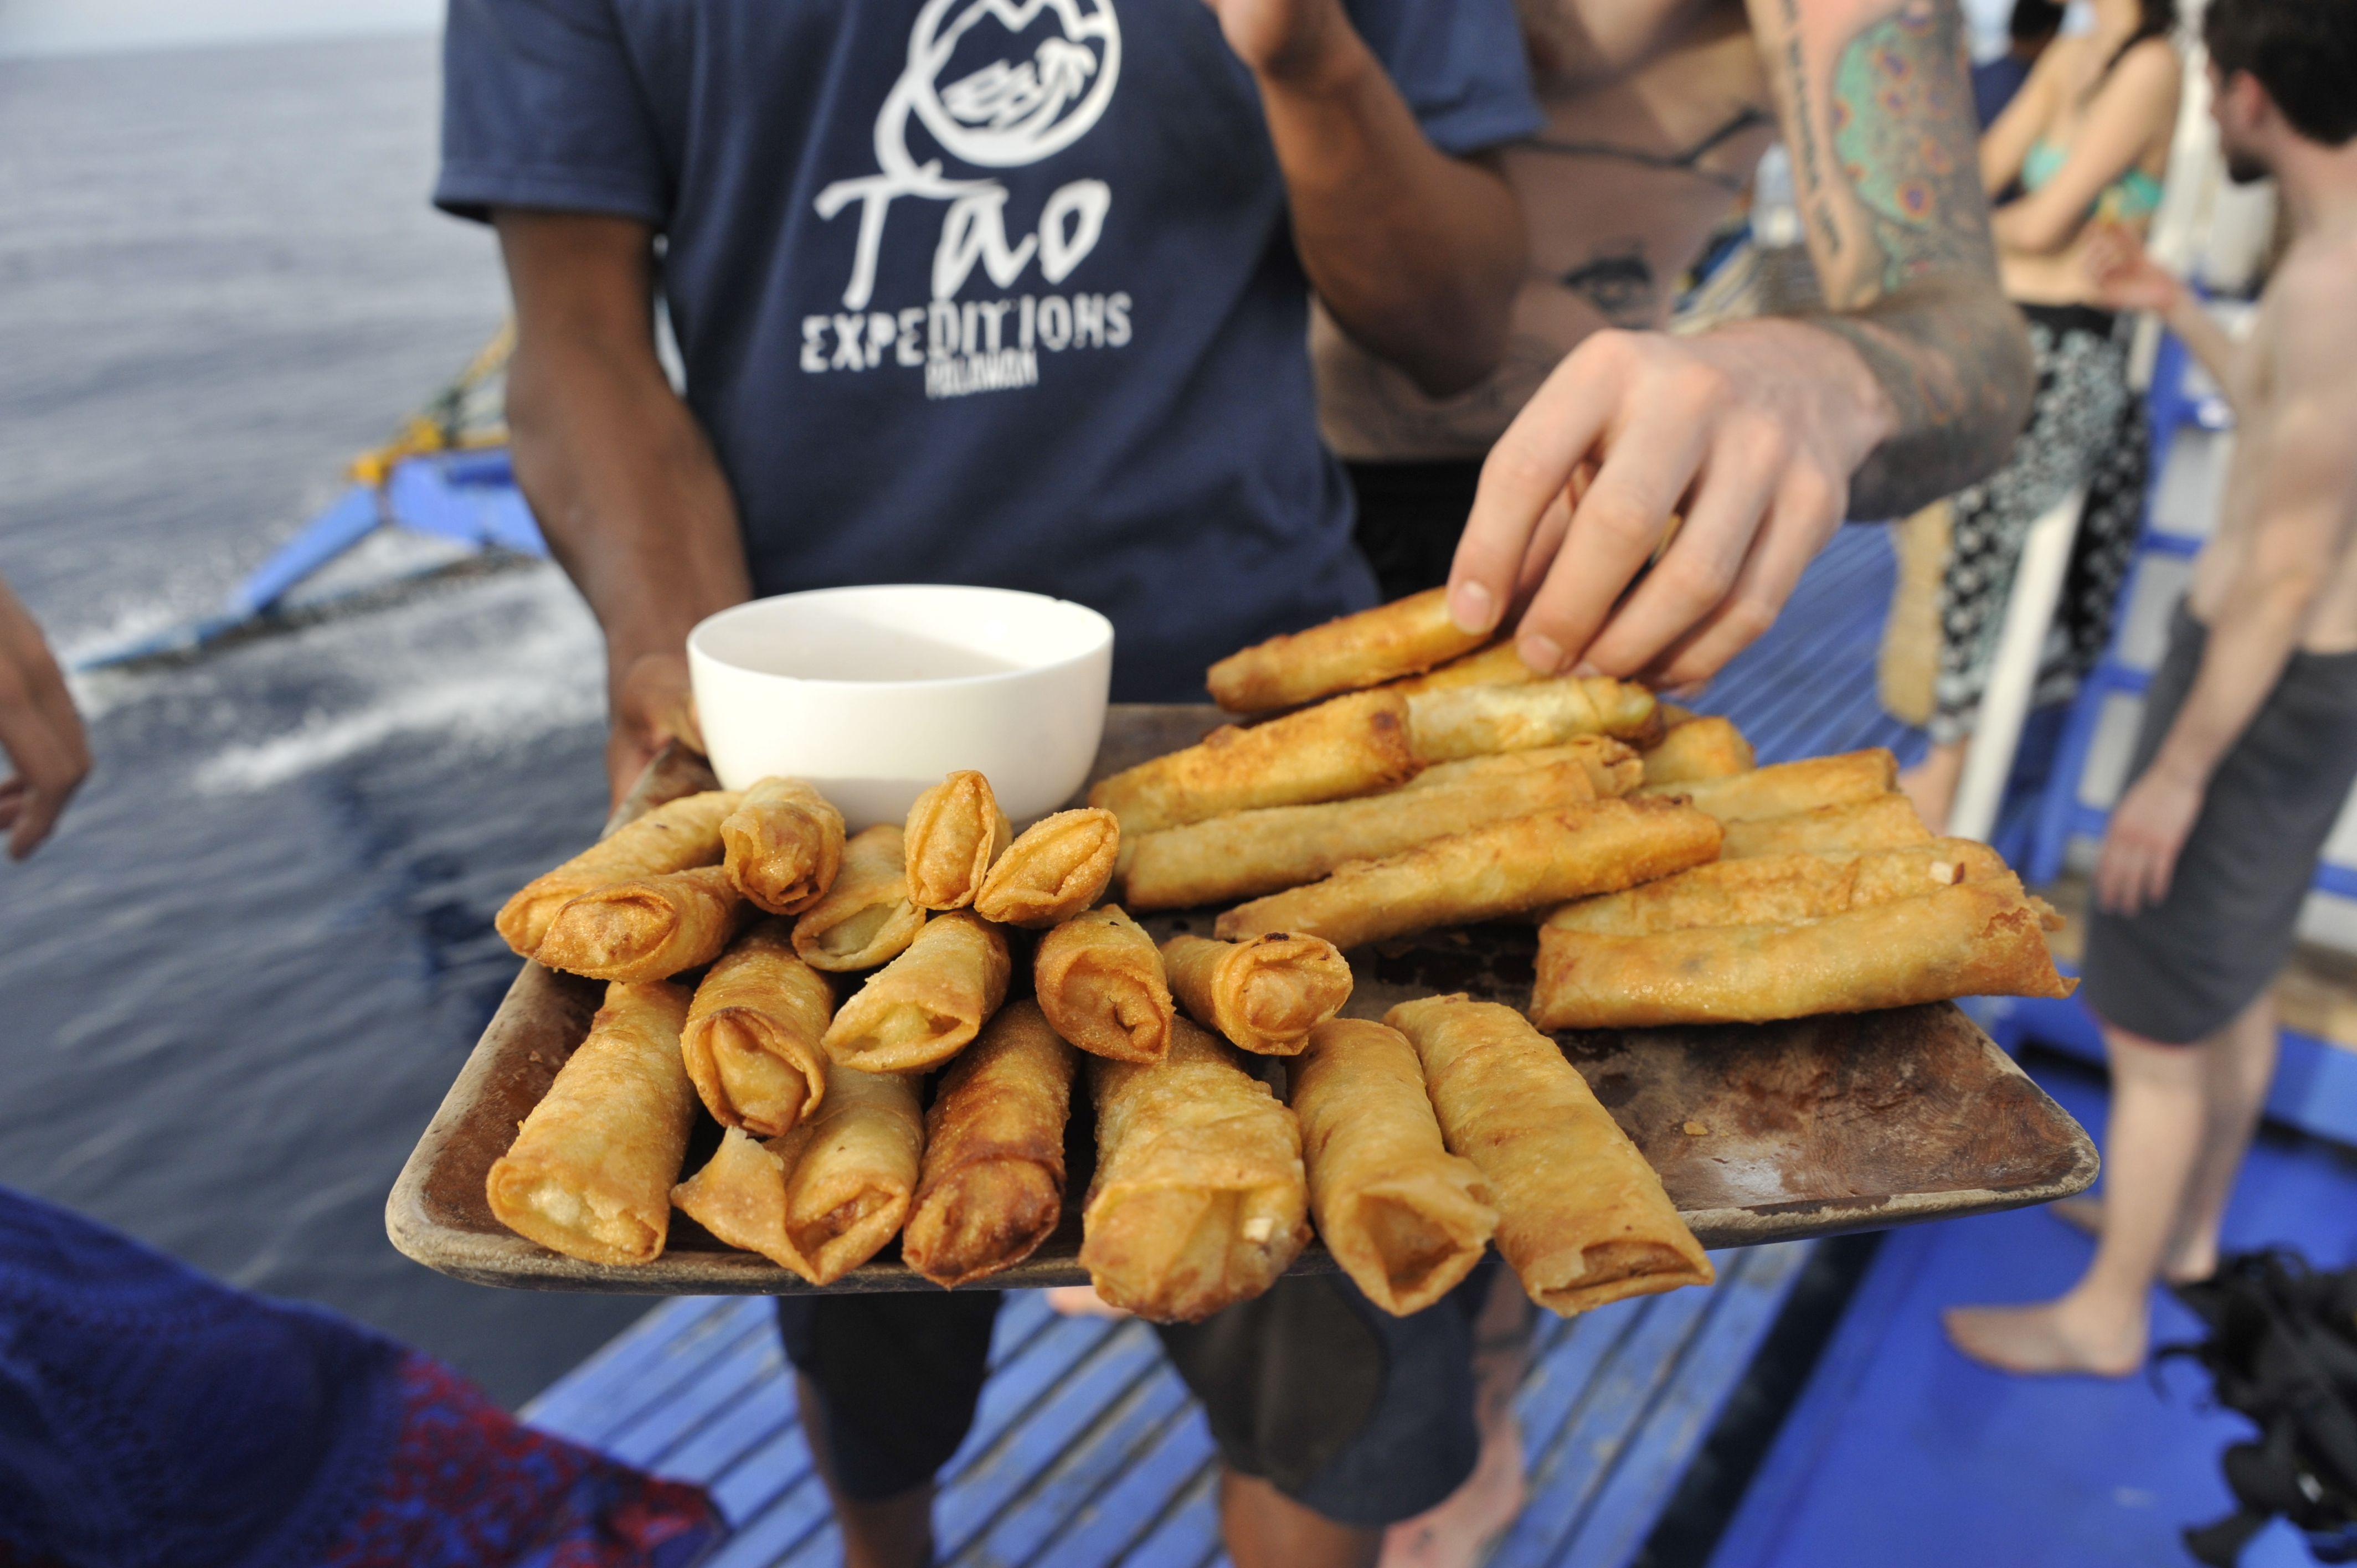 Encas servi à bord : rouleaux de légumes frits - Tao expeditions